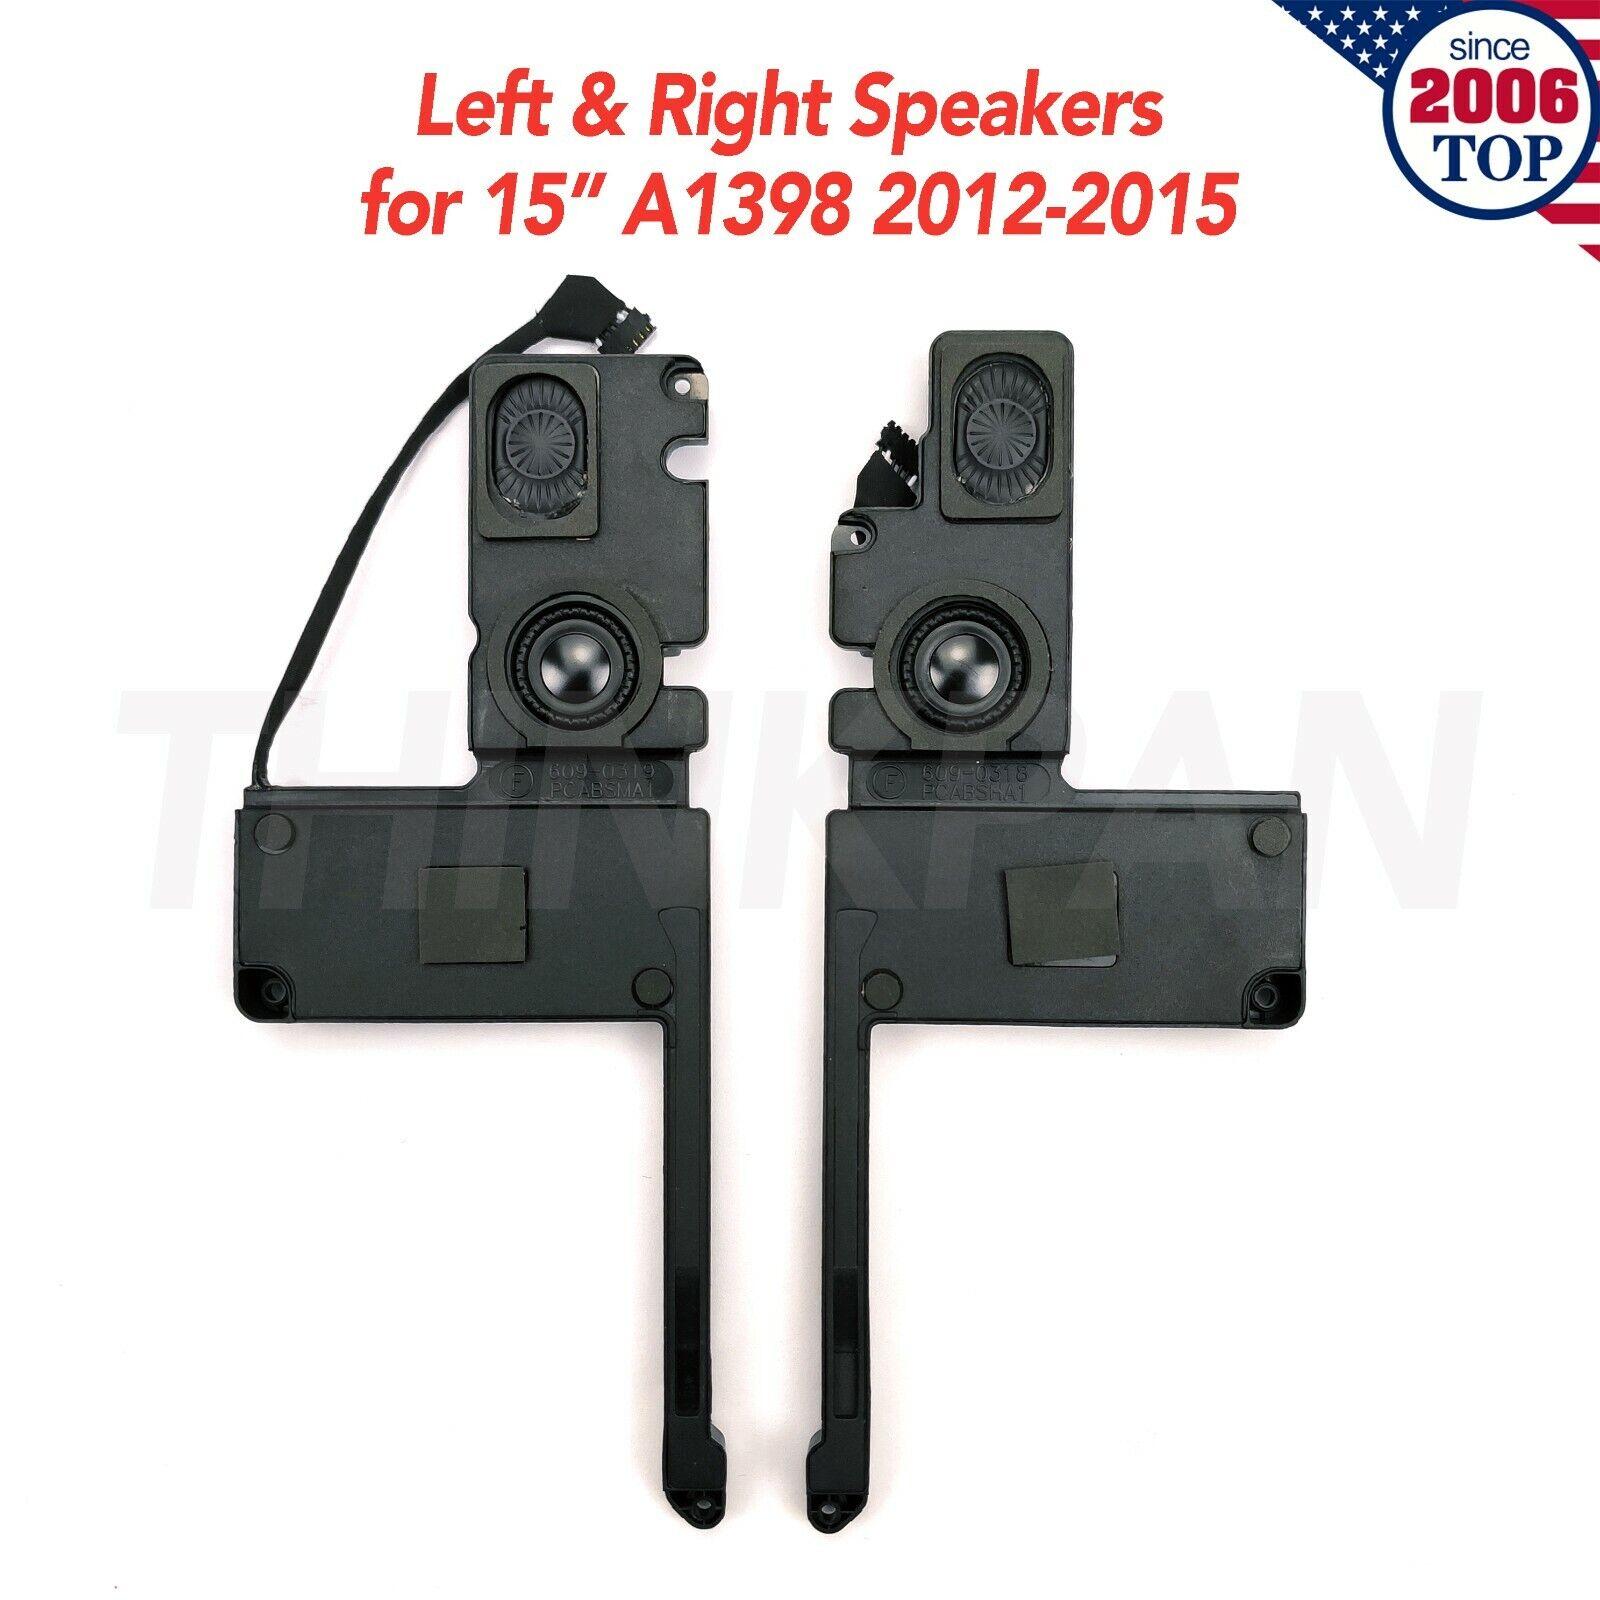 New Left & Right Speaker for 15